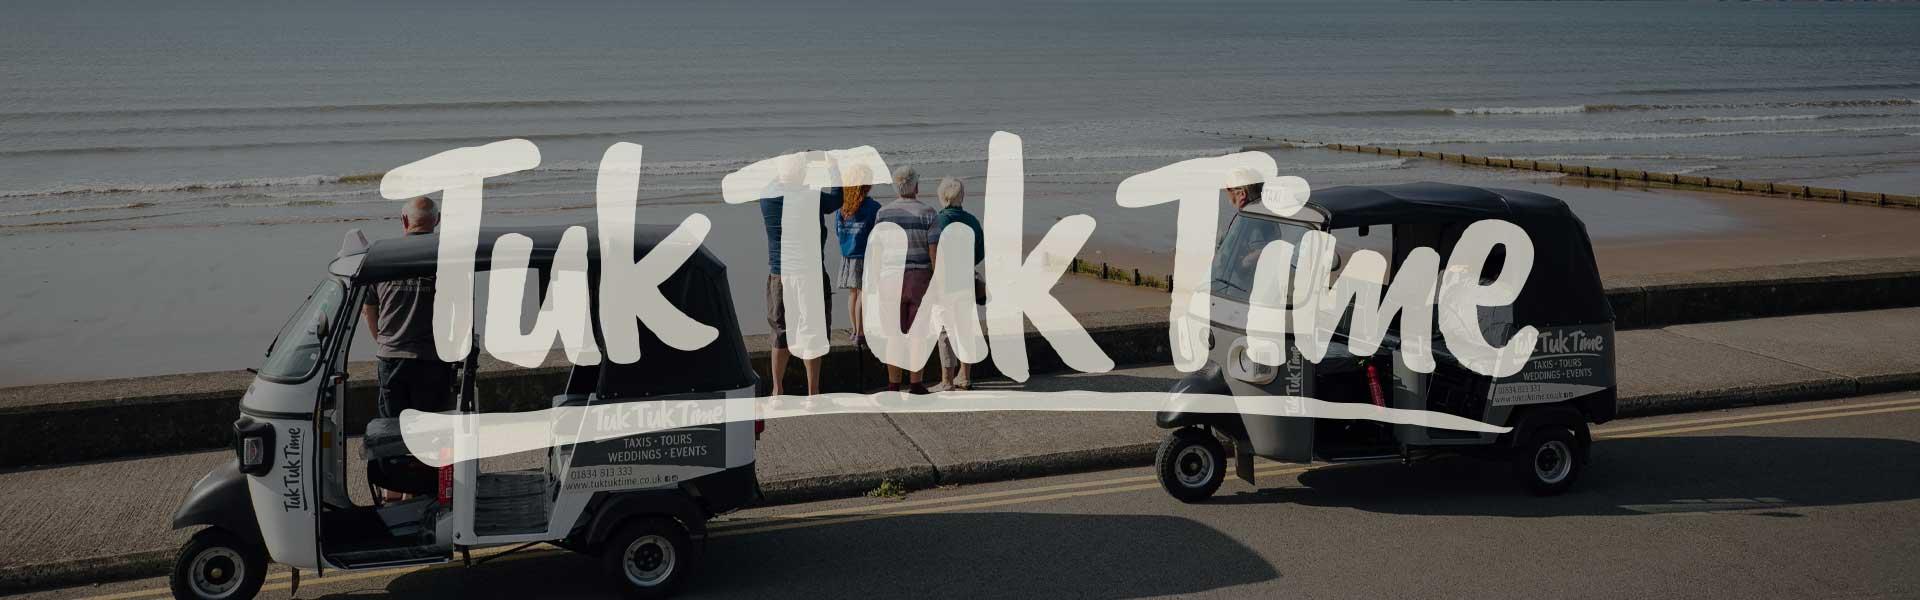 Tuk-Tuk-Time-Tour-Hire-Tuk-Tuk-Pembrokeshire